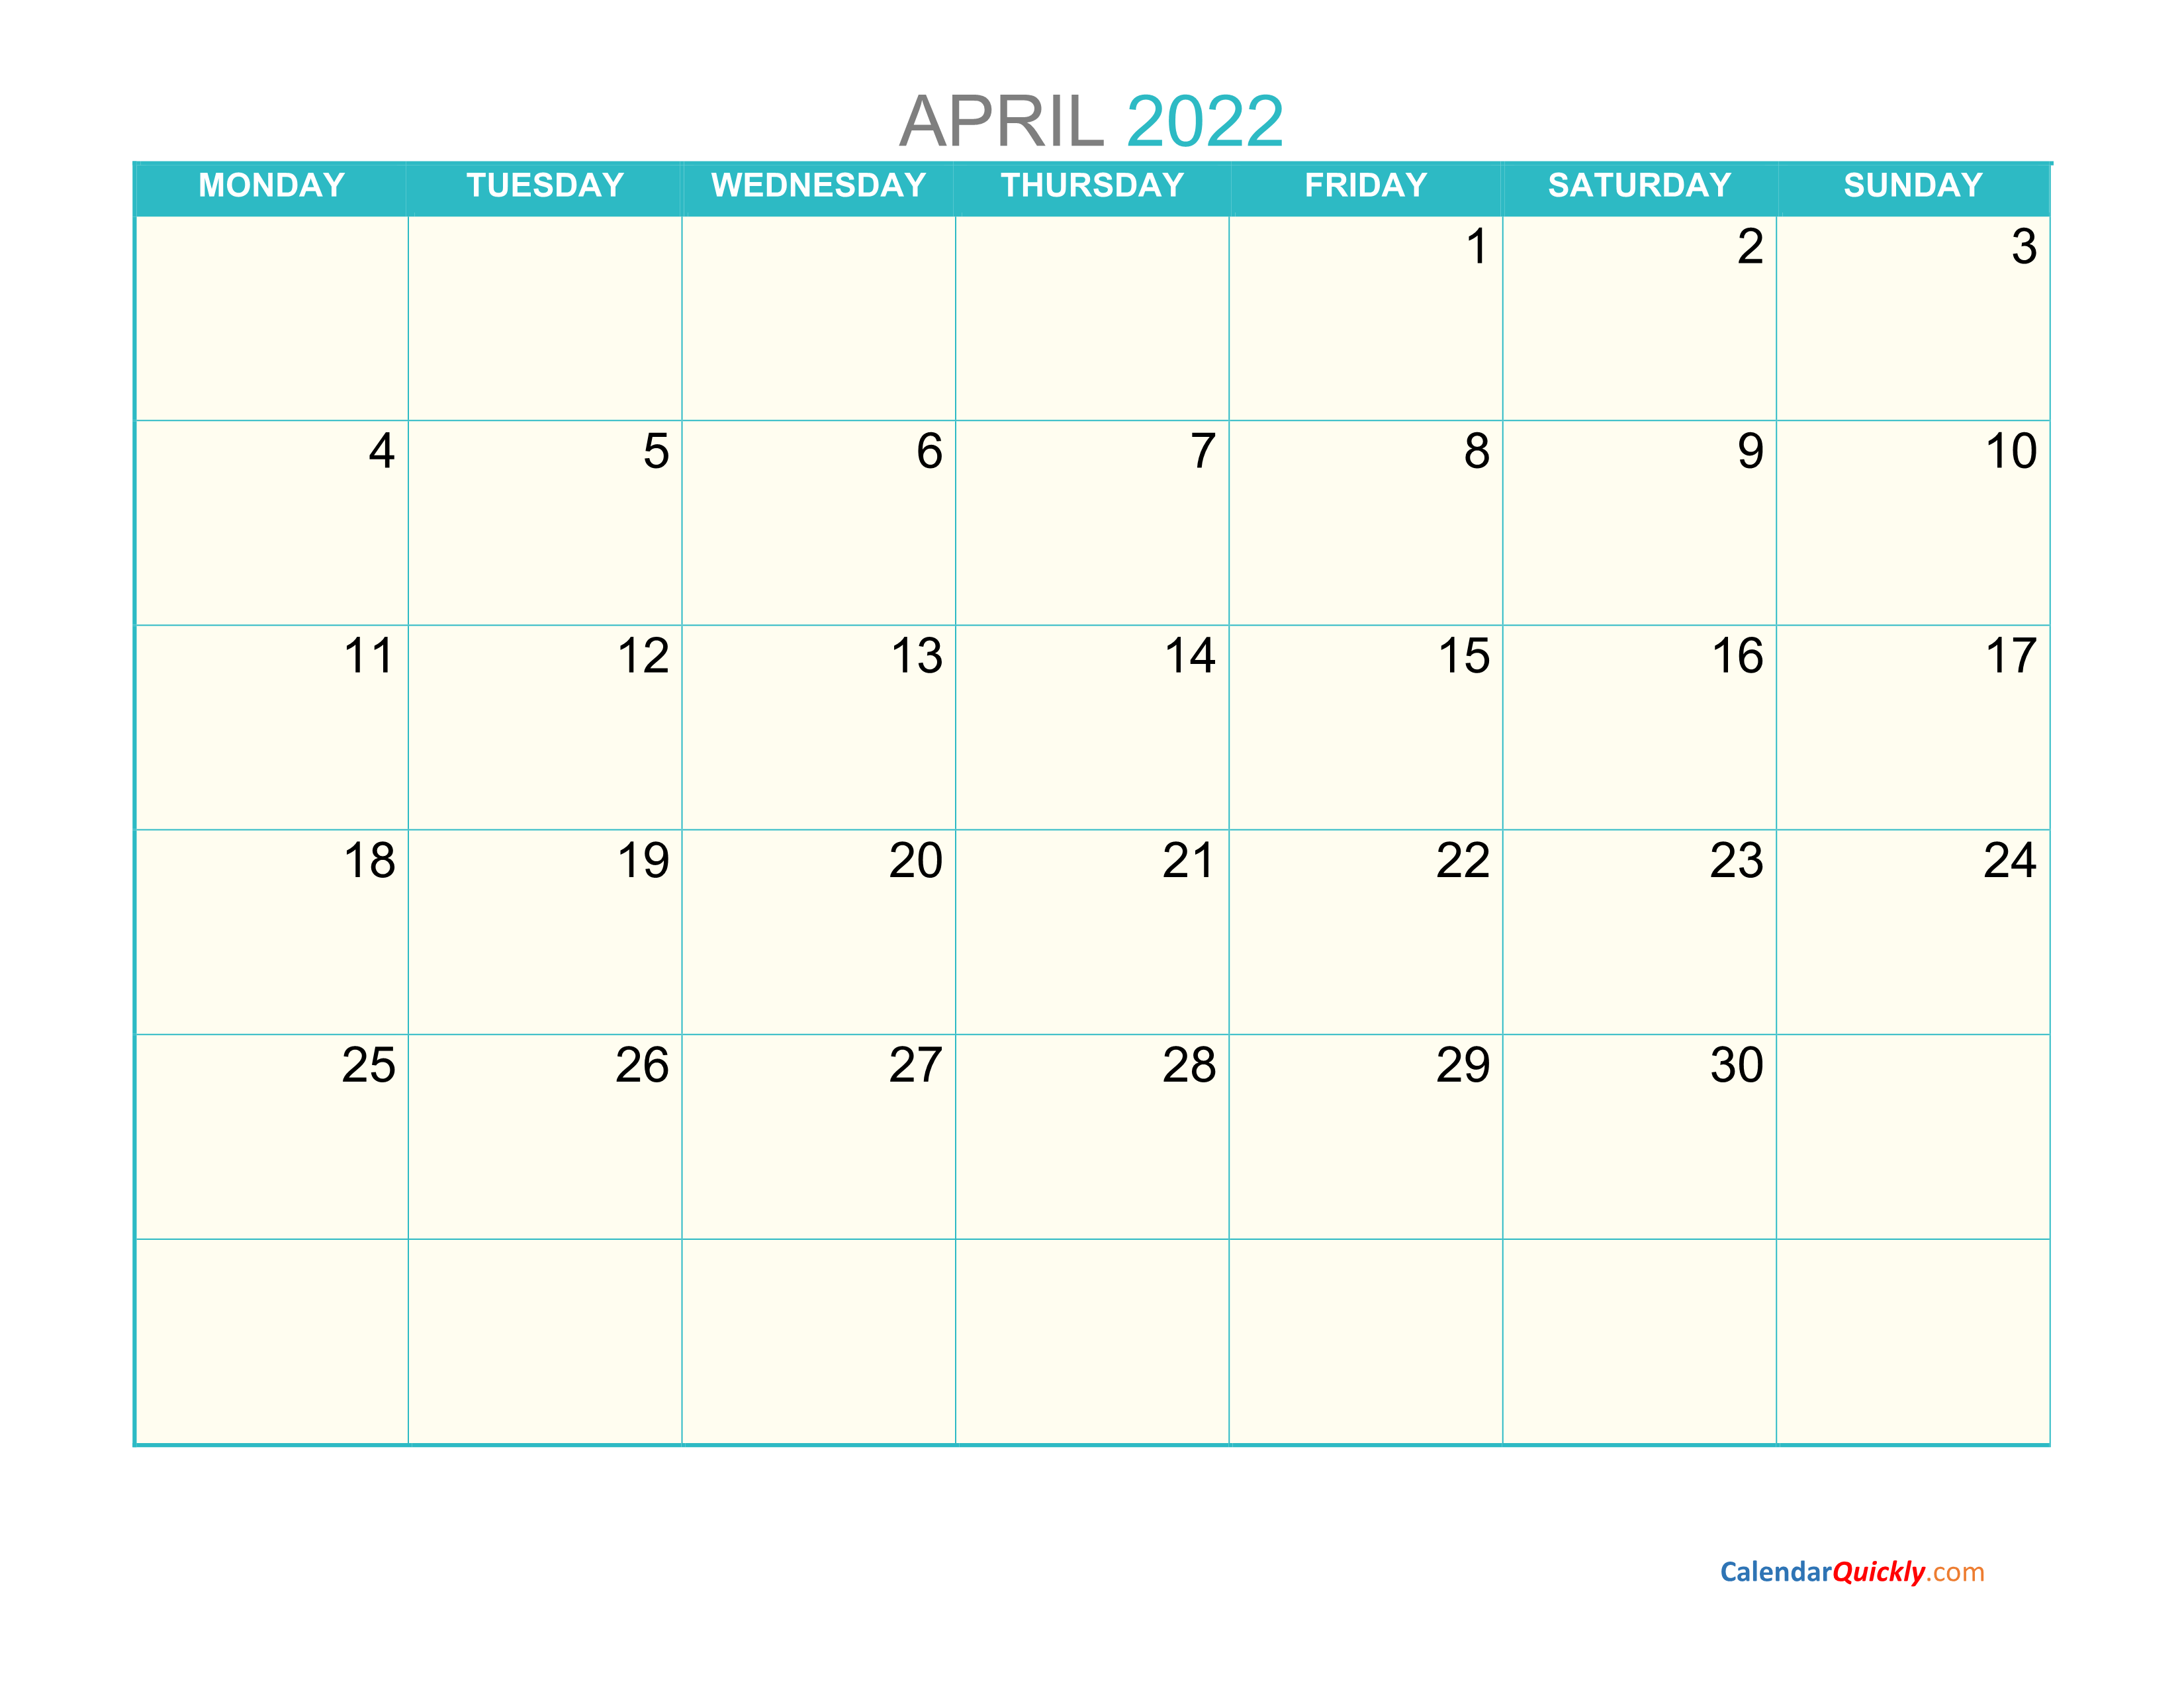 April Monday 2022 Calendar Printable | Calendar Quickly